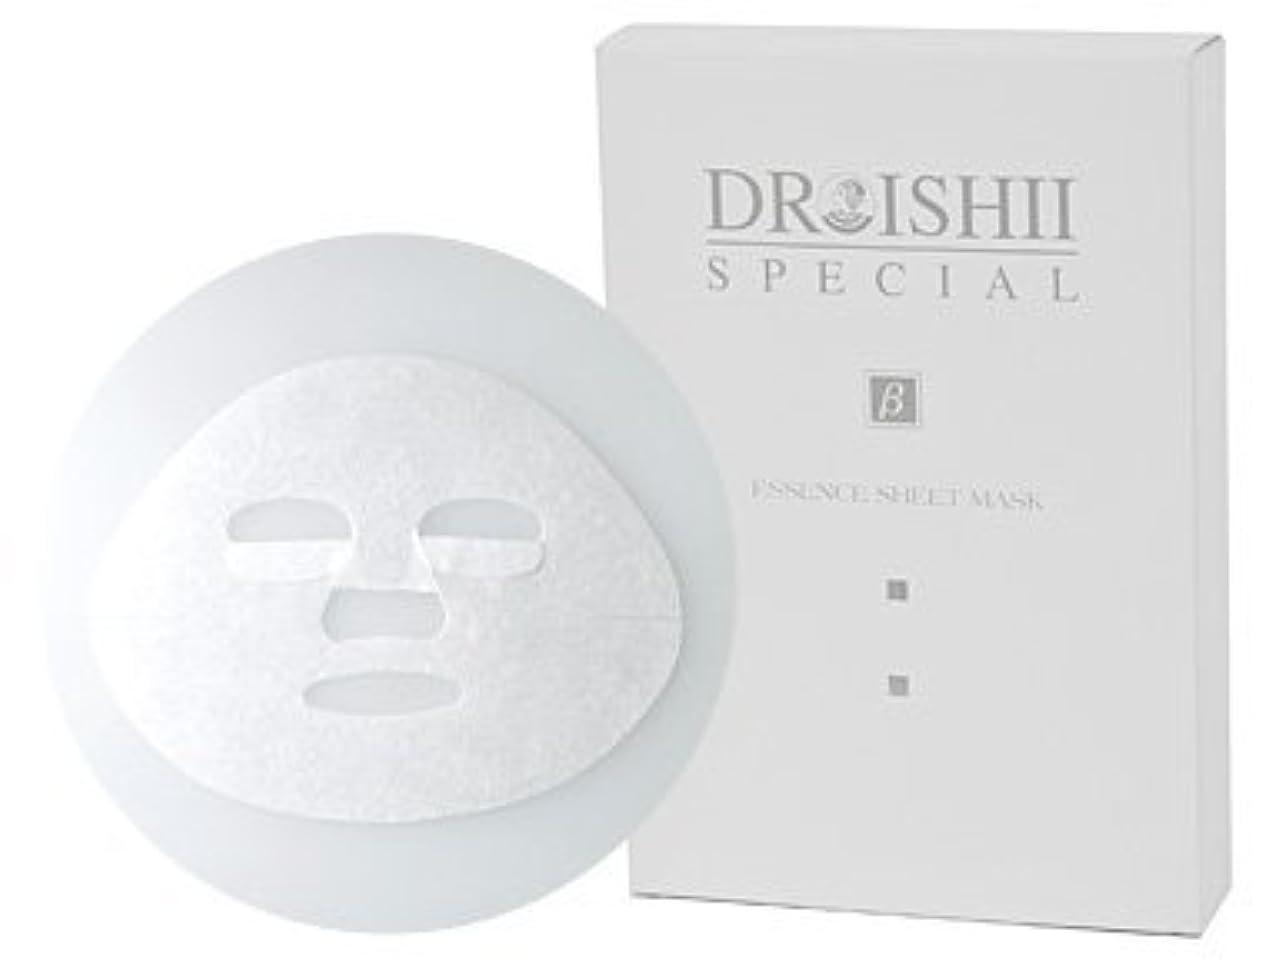 ボリュームがっかりするスカイMD化粧品 DR ISHII スペシャルβ エッセンスシートマスク 6枚